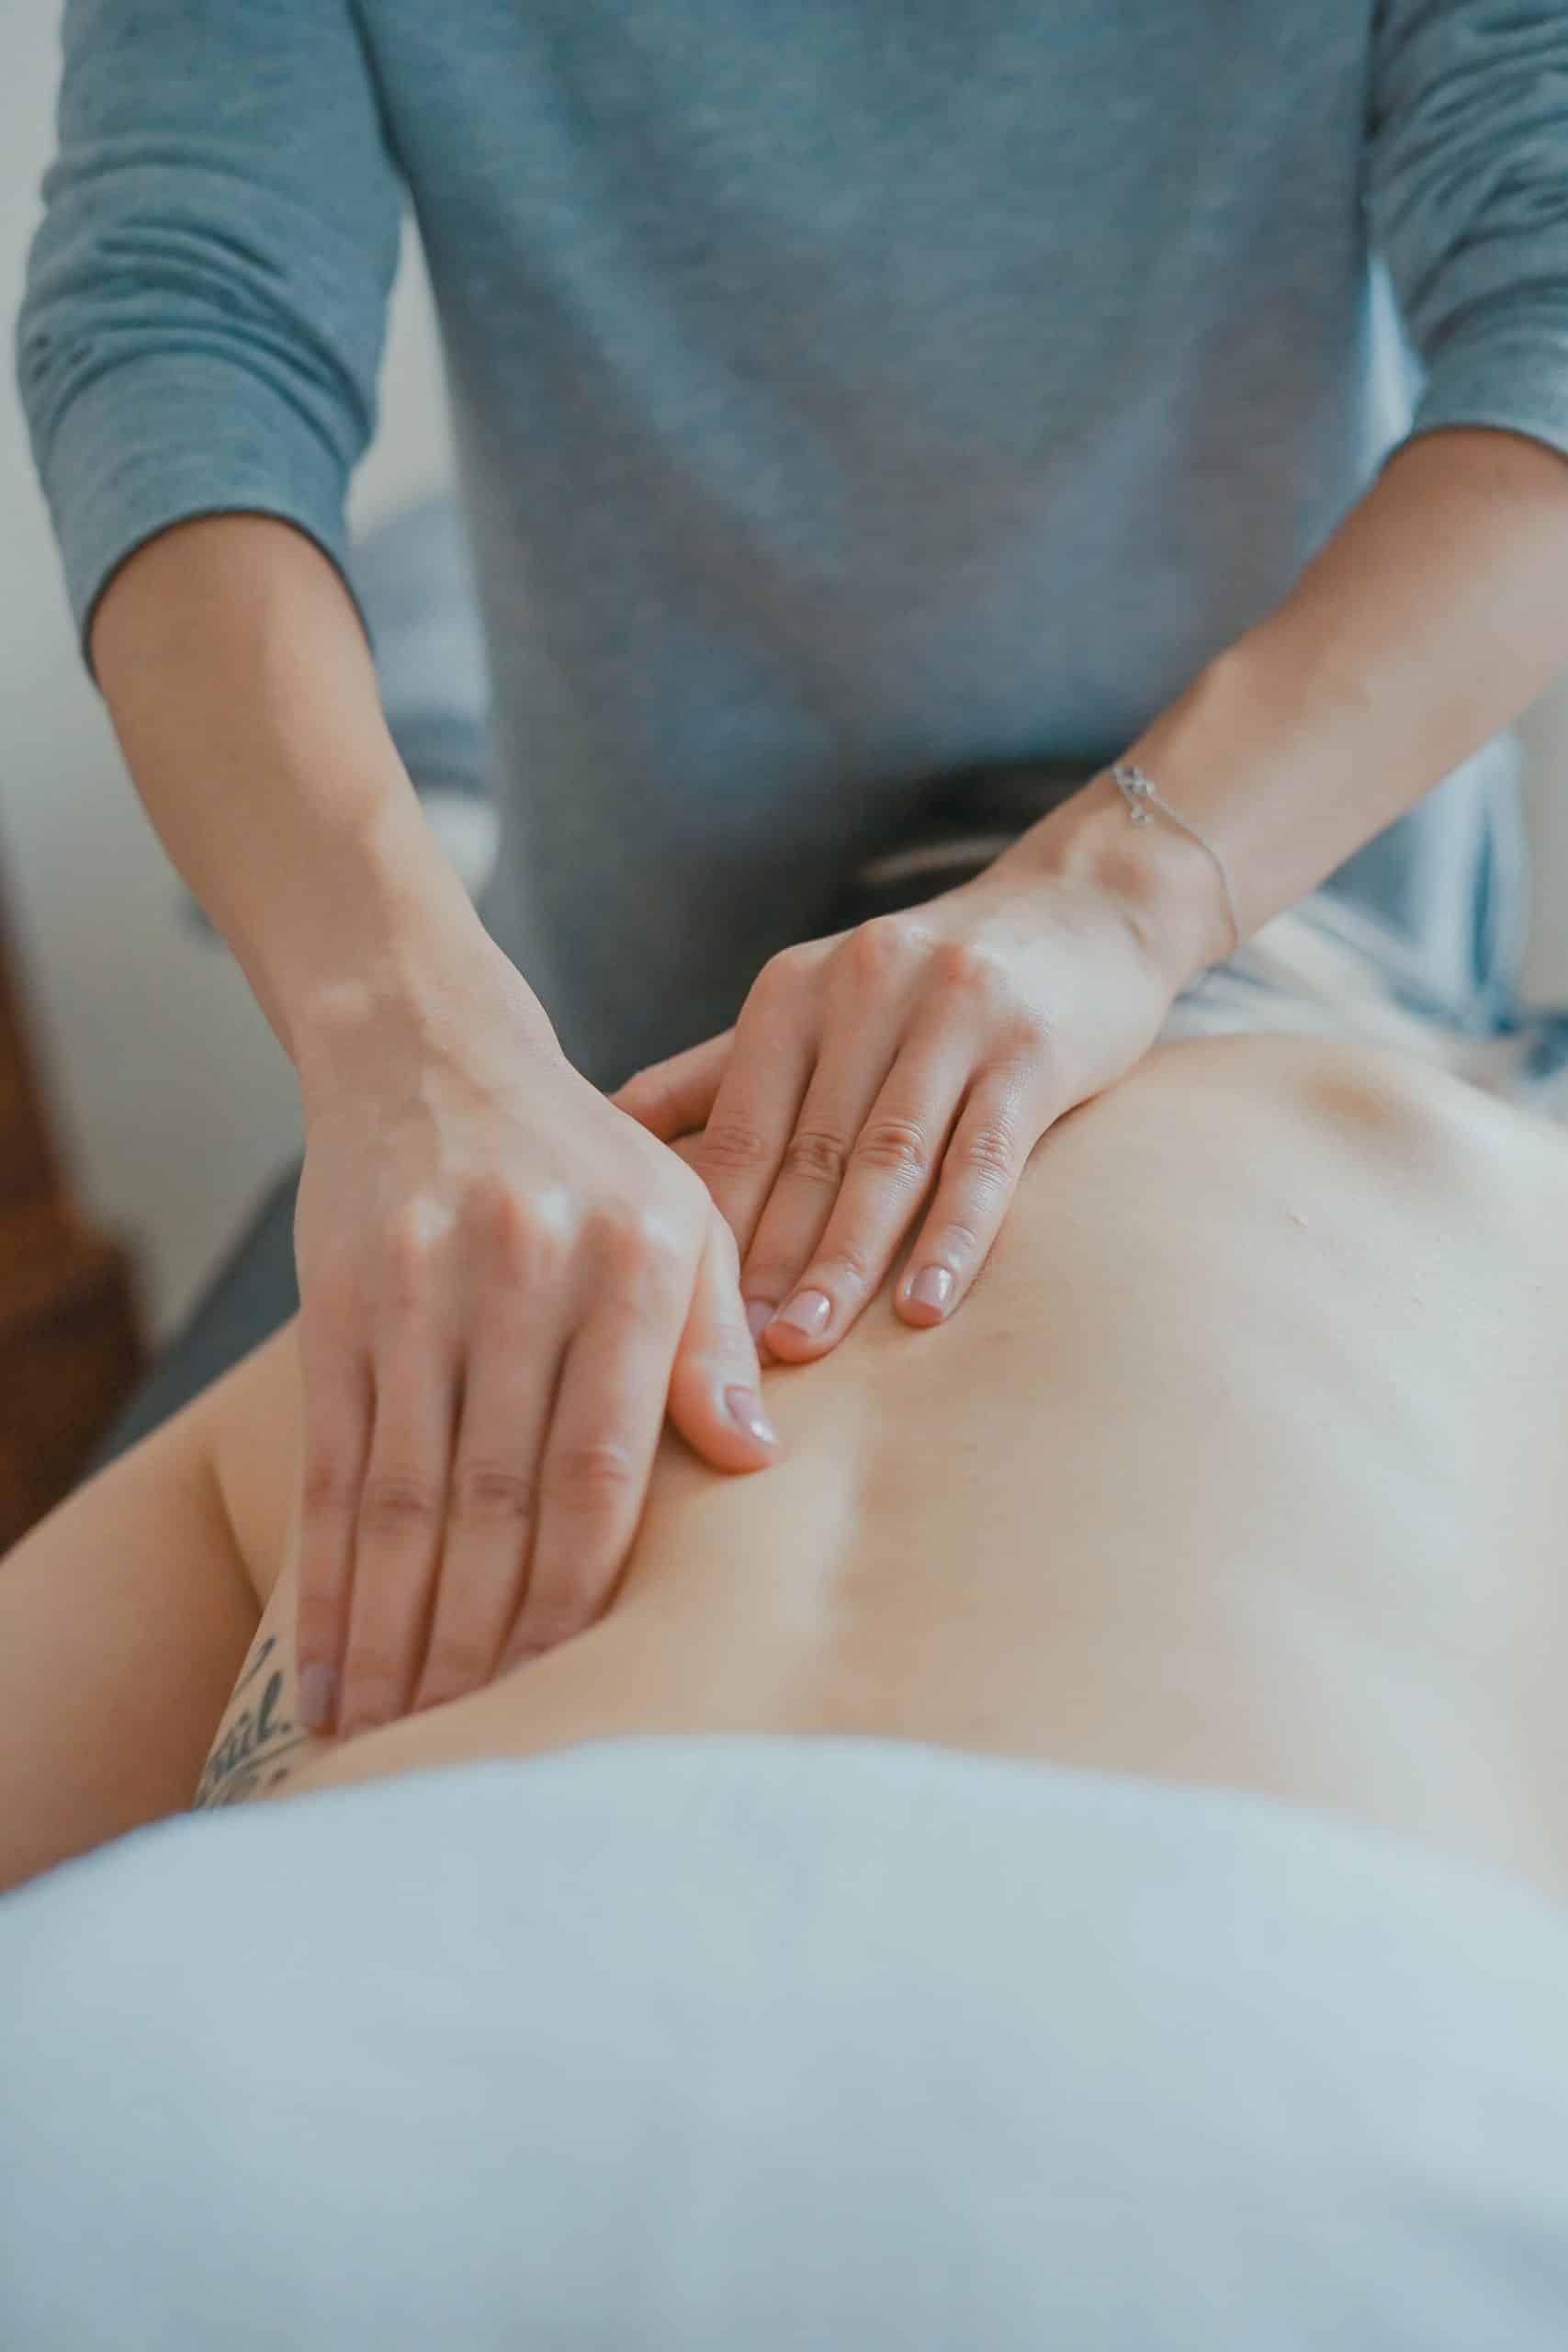 Popular Alternative Medicine Article Image